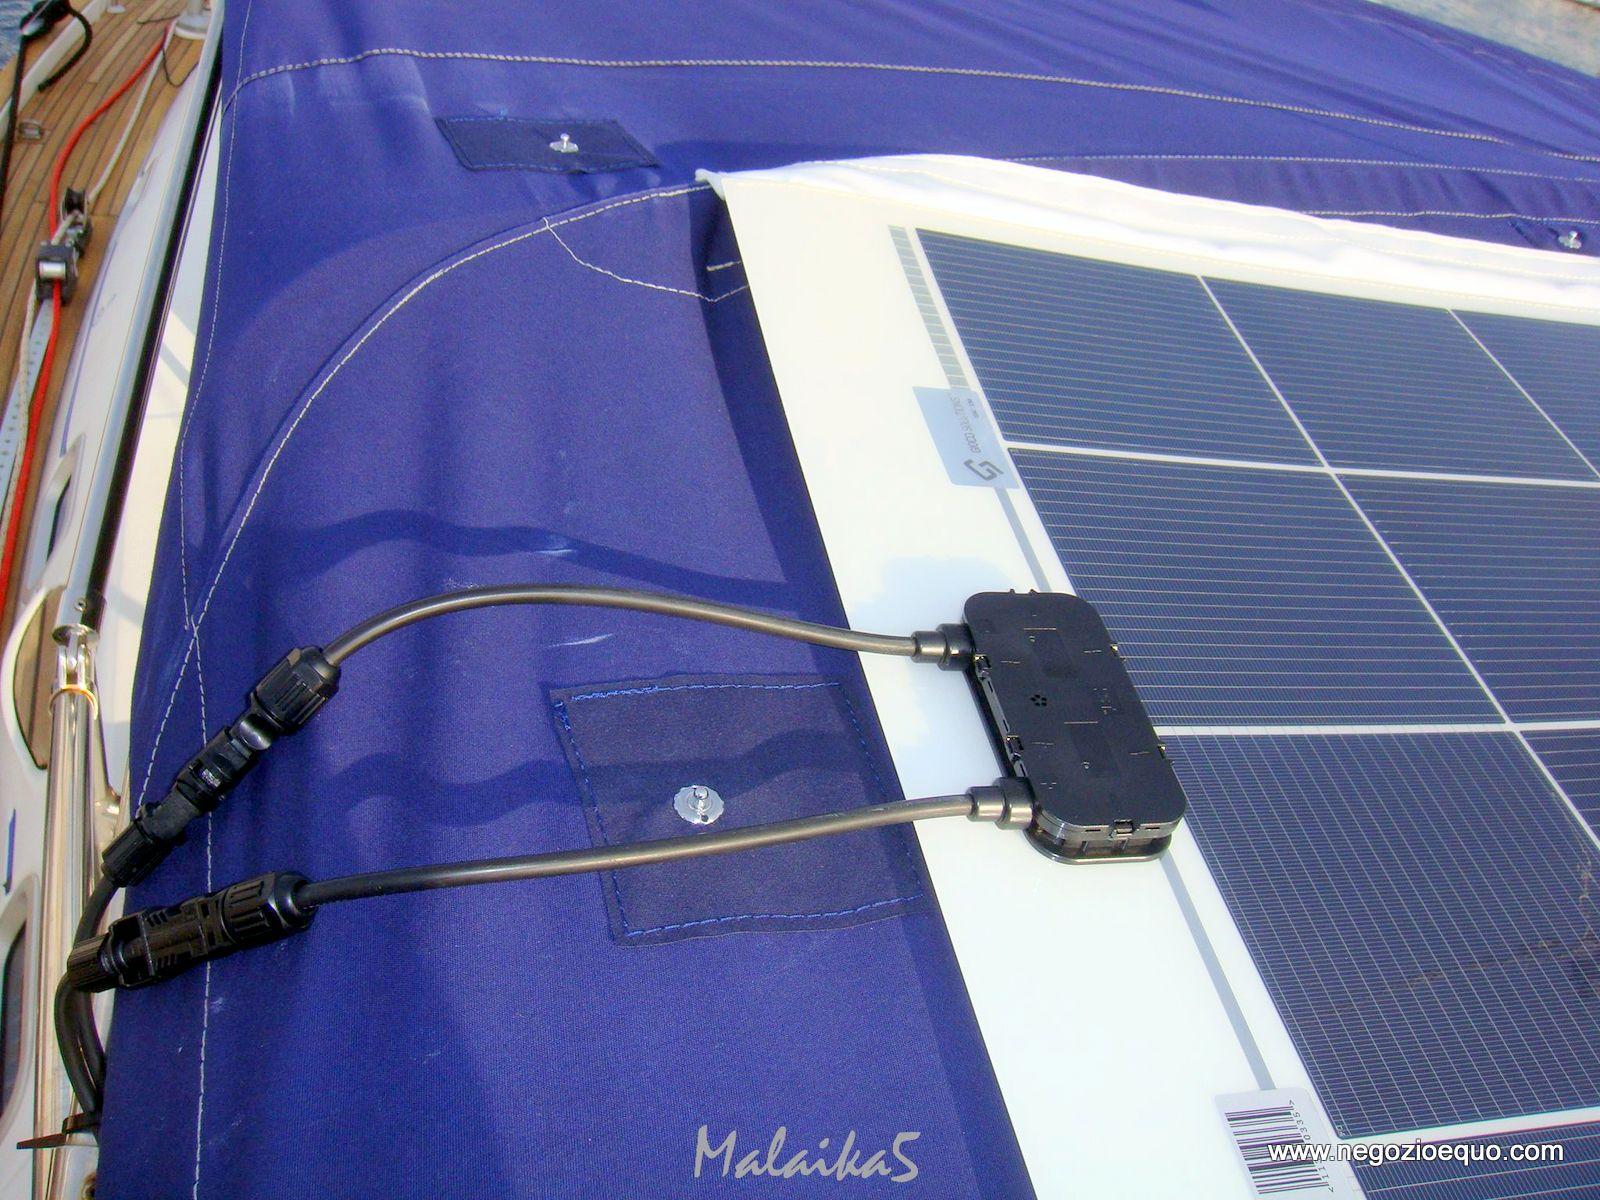 Schema Elettrico Caricabatteria Pannello Solare : Come installare un pannello solare flessibile negozio equo